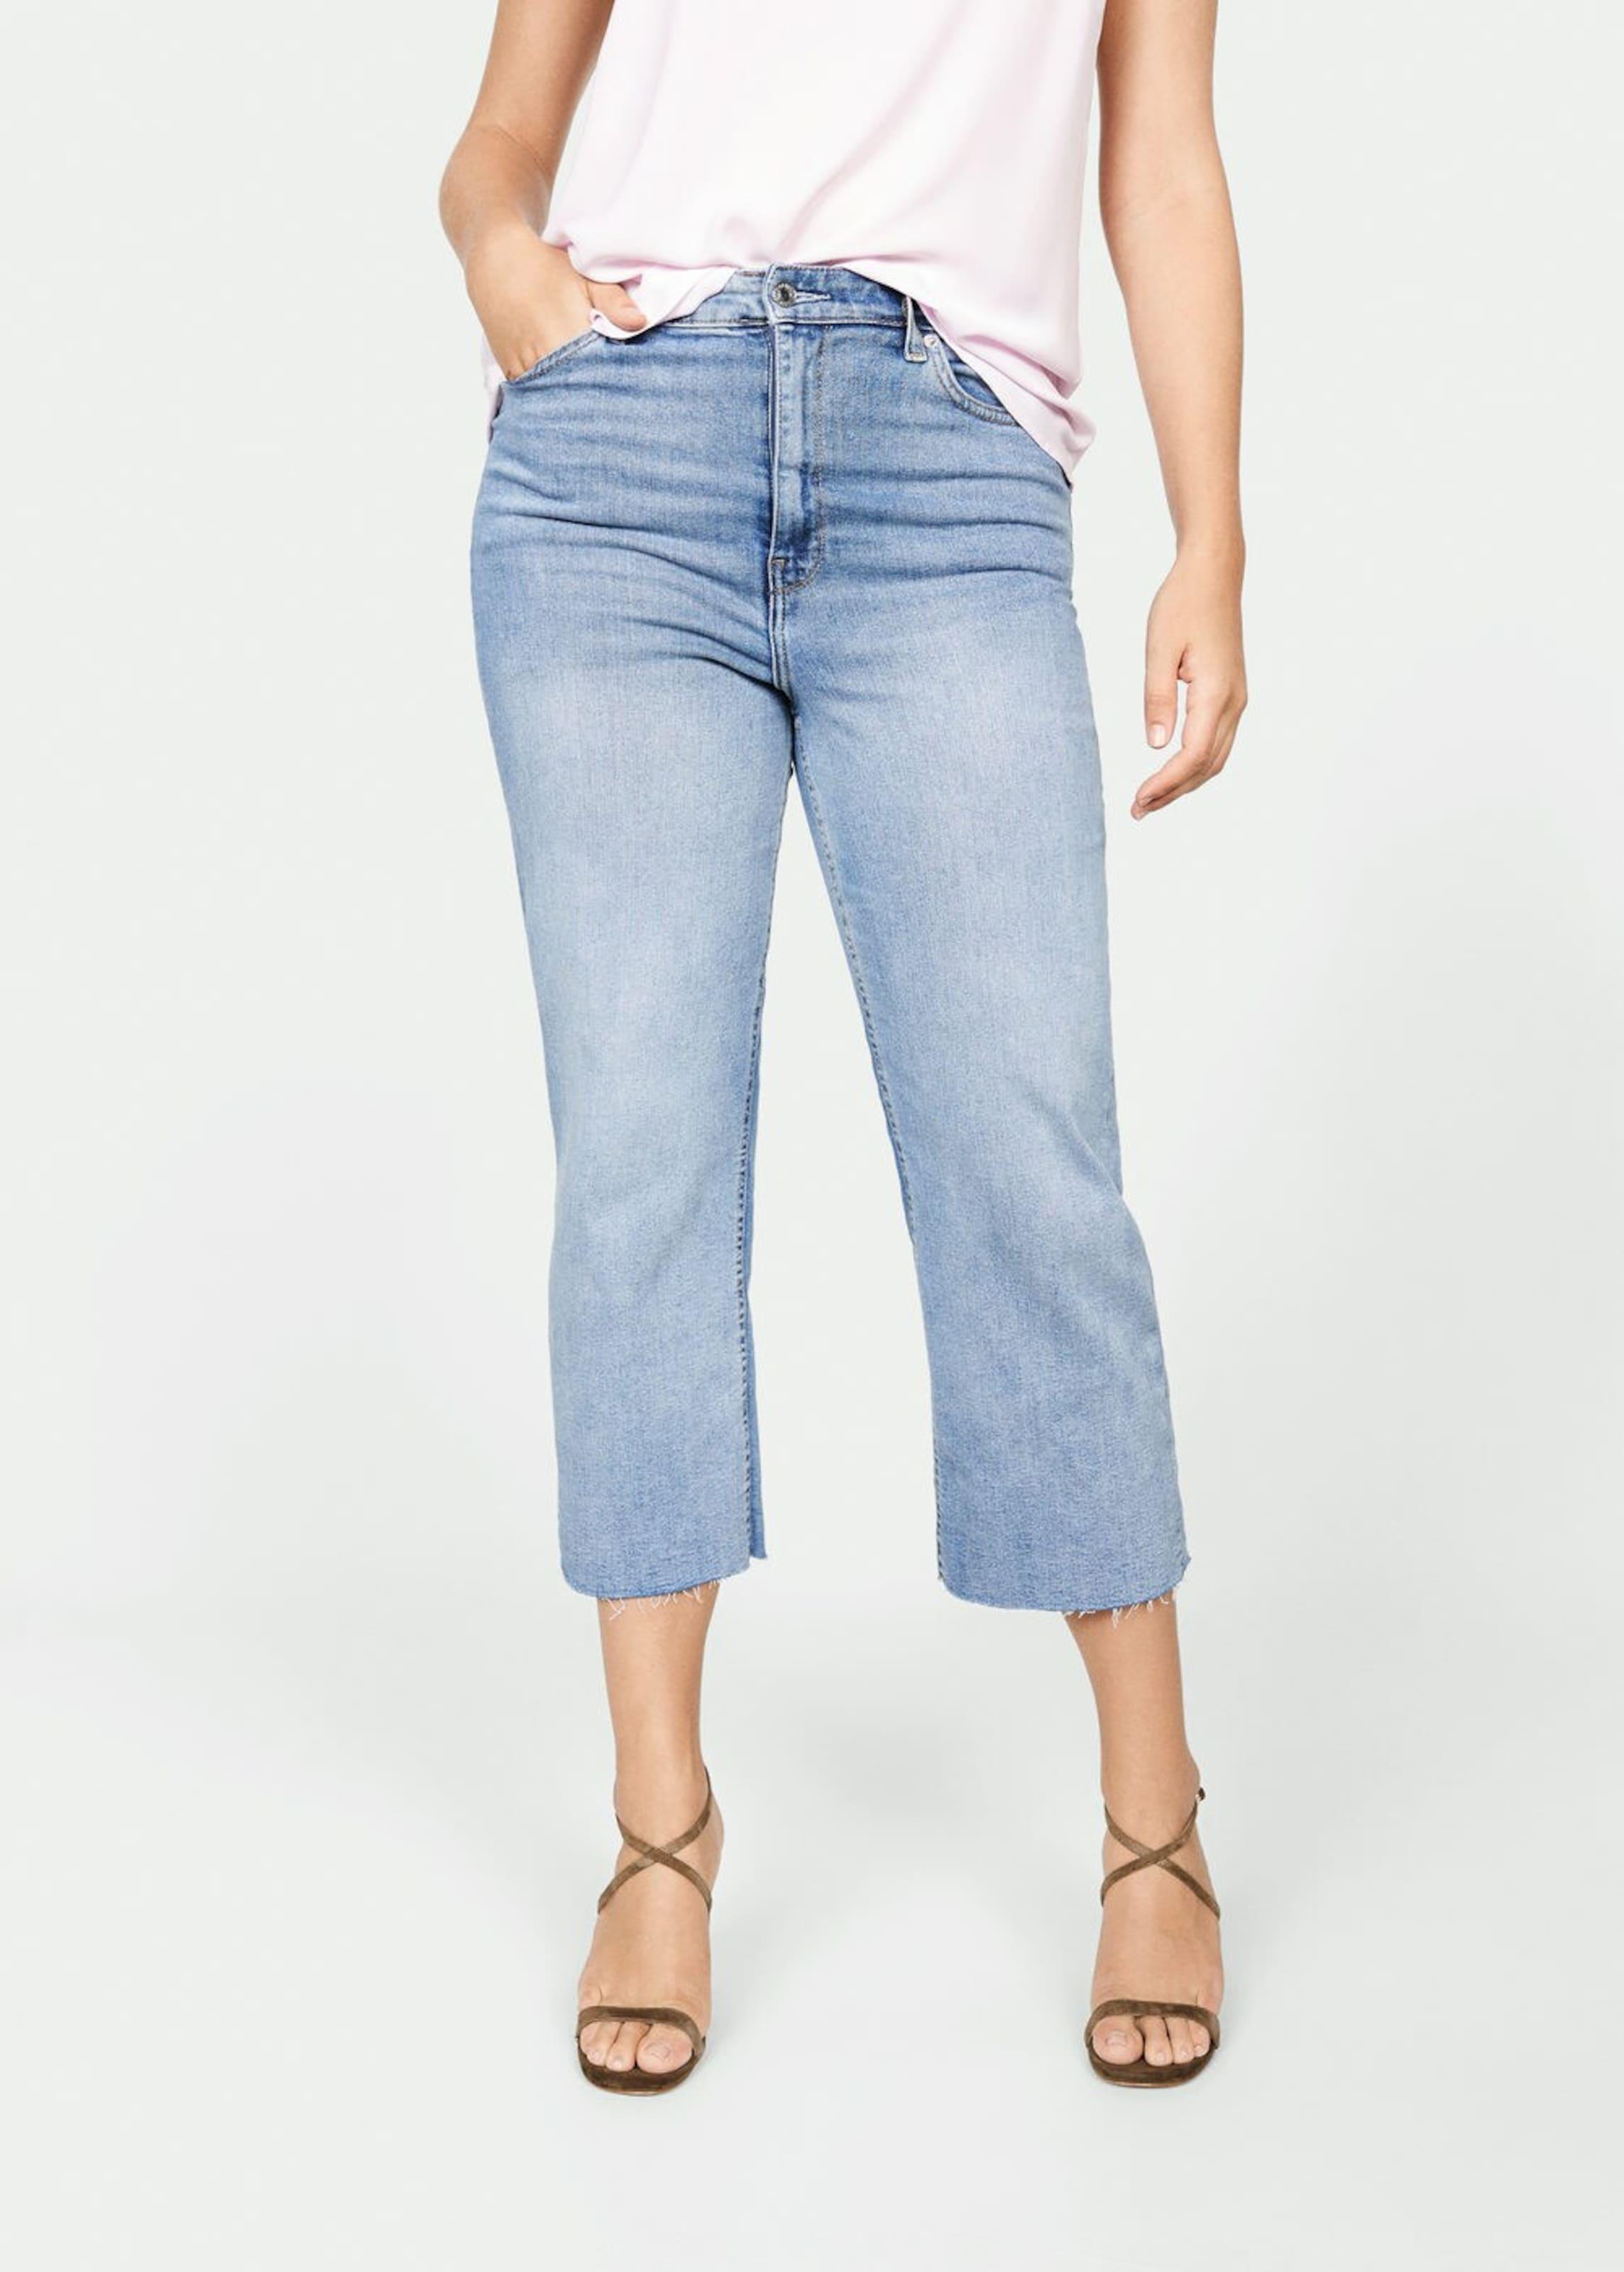 Himmelblau By Jeans In Violeta Mango 'culotte' 3TFu1JlKc